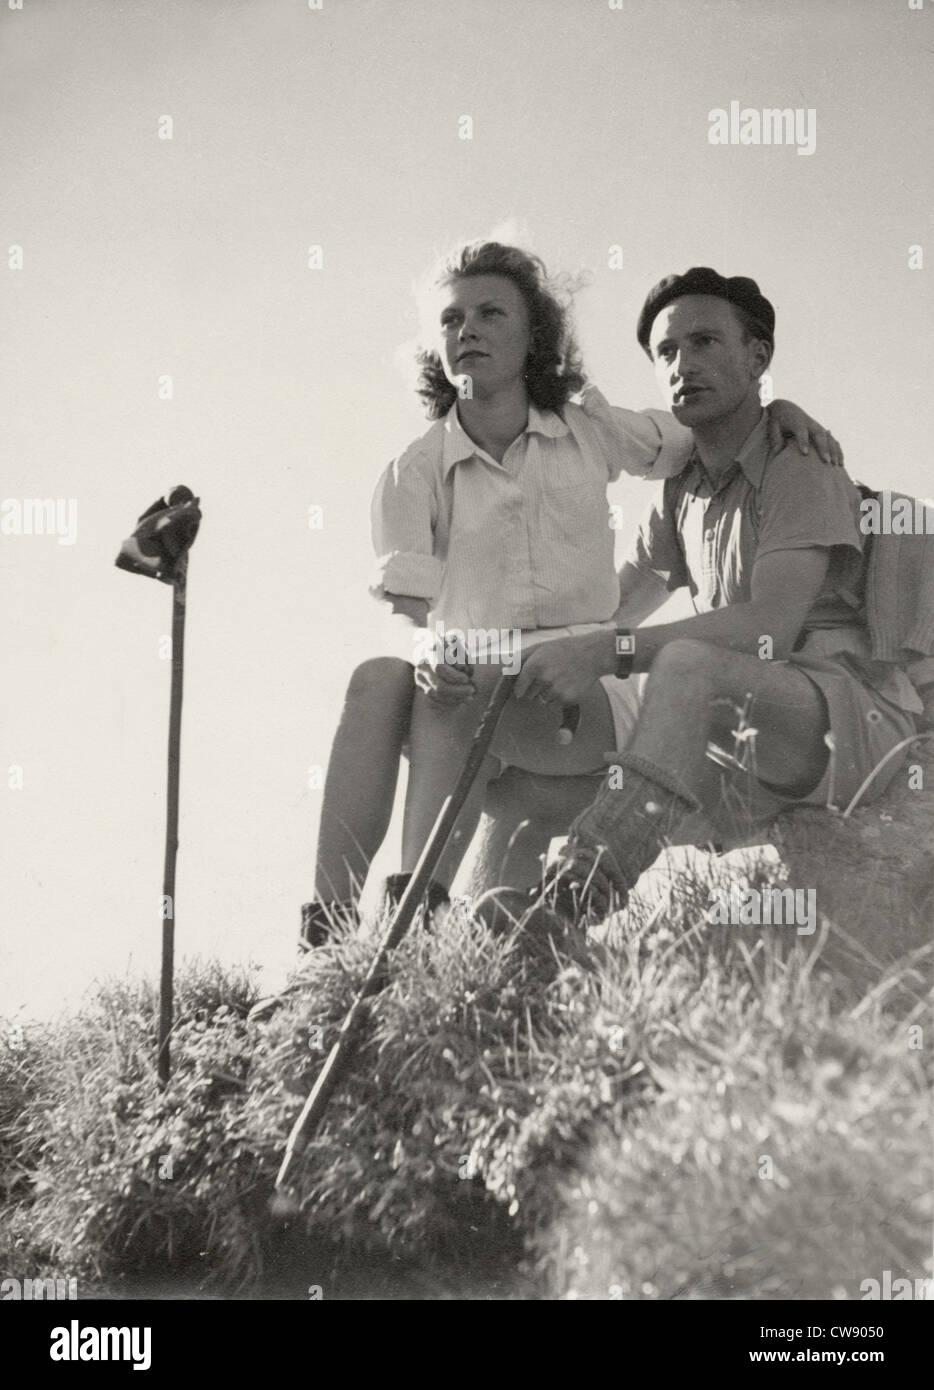 Una pareja de excursionistas en los '60s Imagen De Stock